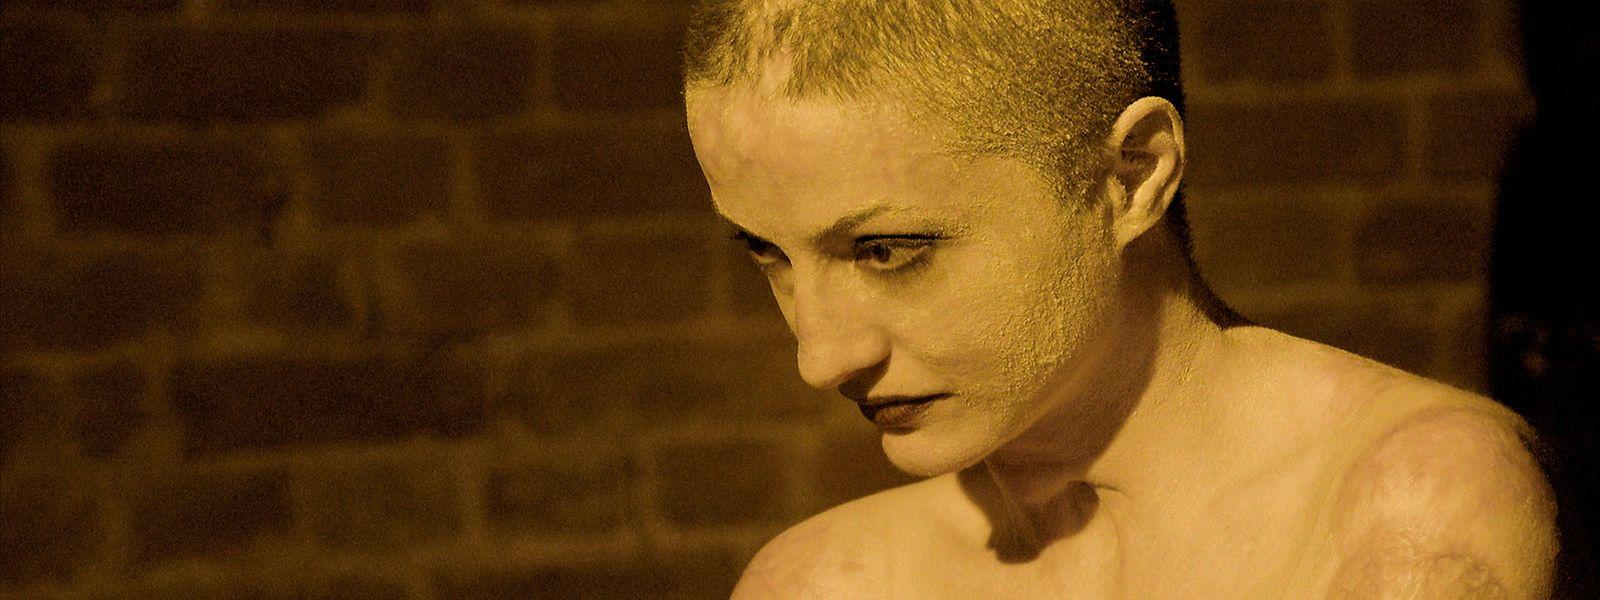 """Die Dokumentation """"Collective"""" - eine rumänisch-luxemburgische Koproduktion - hat bereits für viel Aufmerksamkeit in der Branche gesorgt."""